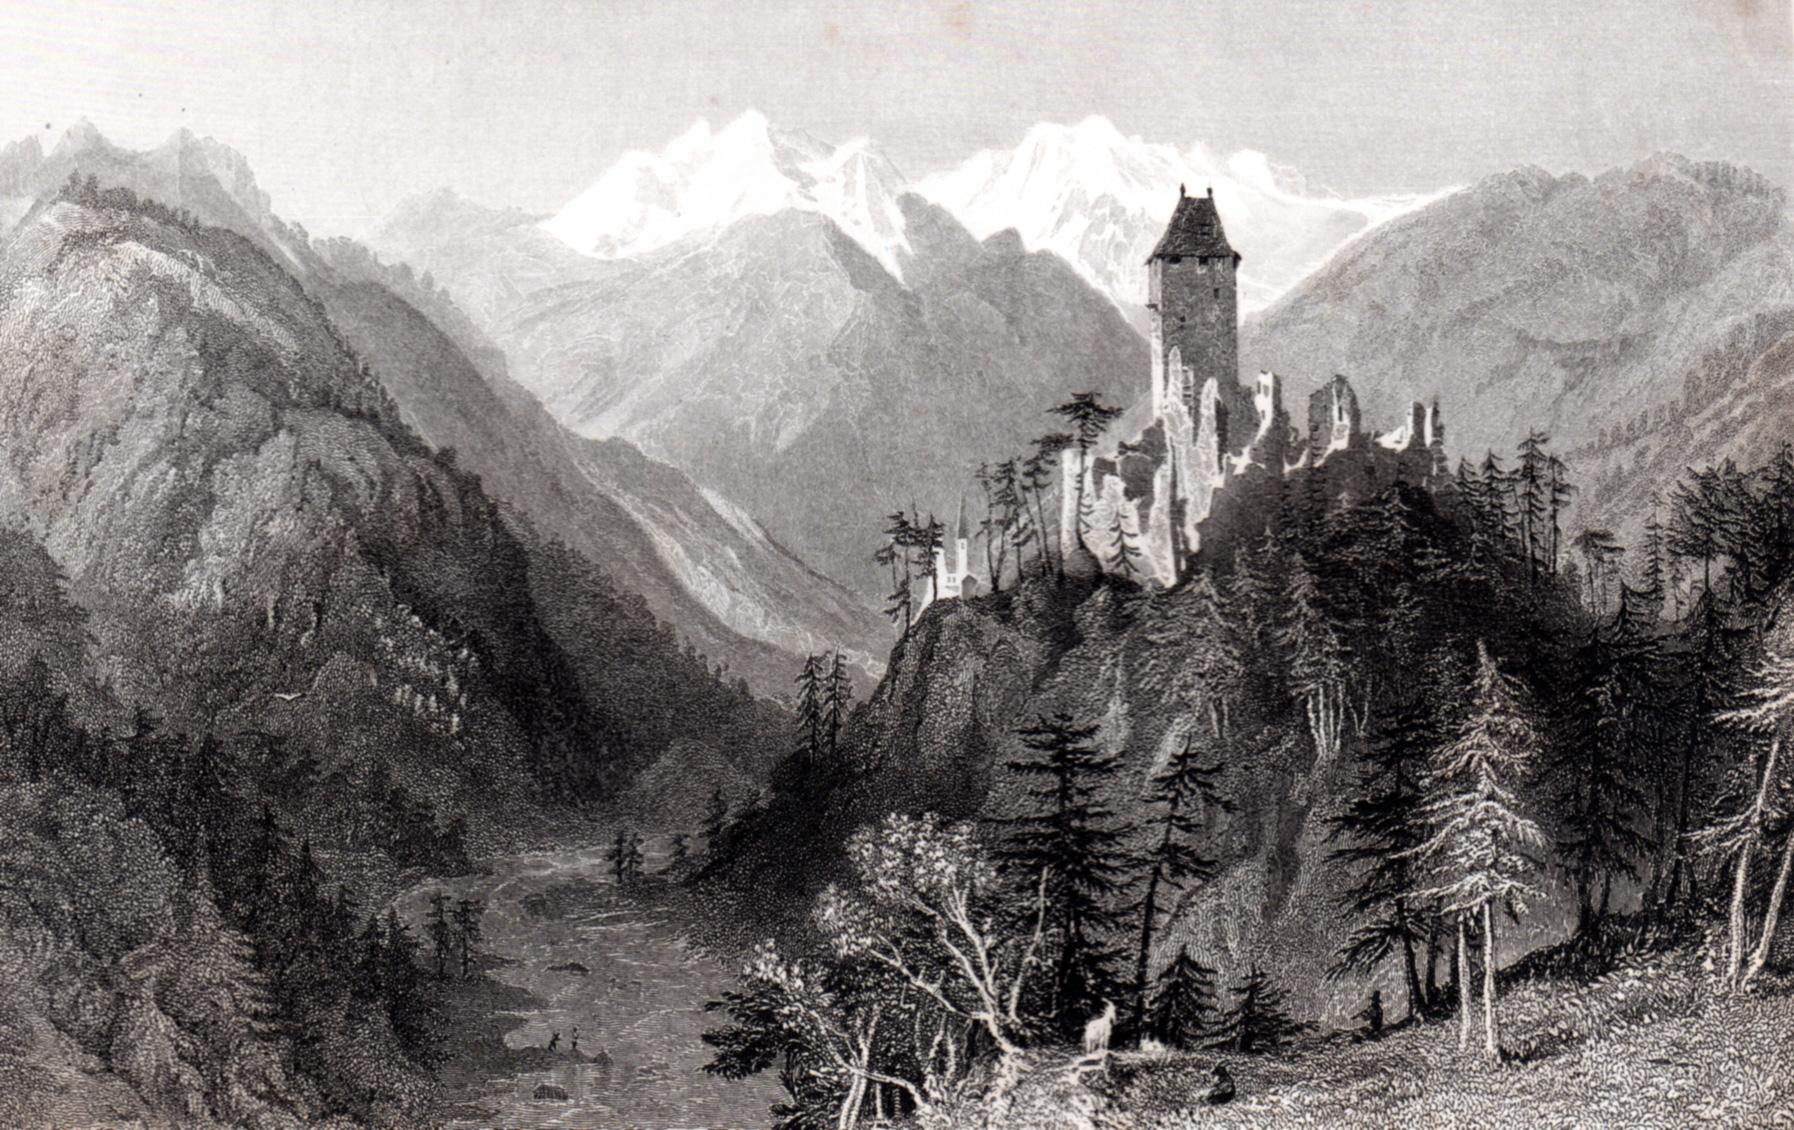 Allom, Thomas / Views of the Tyrol